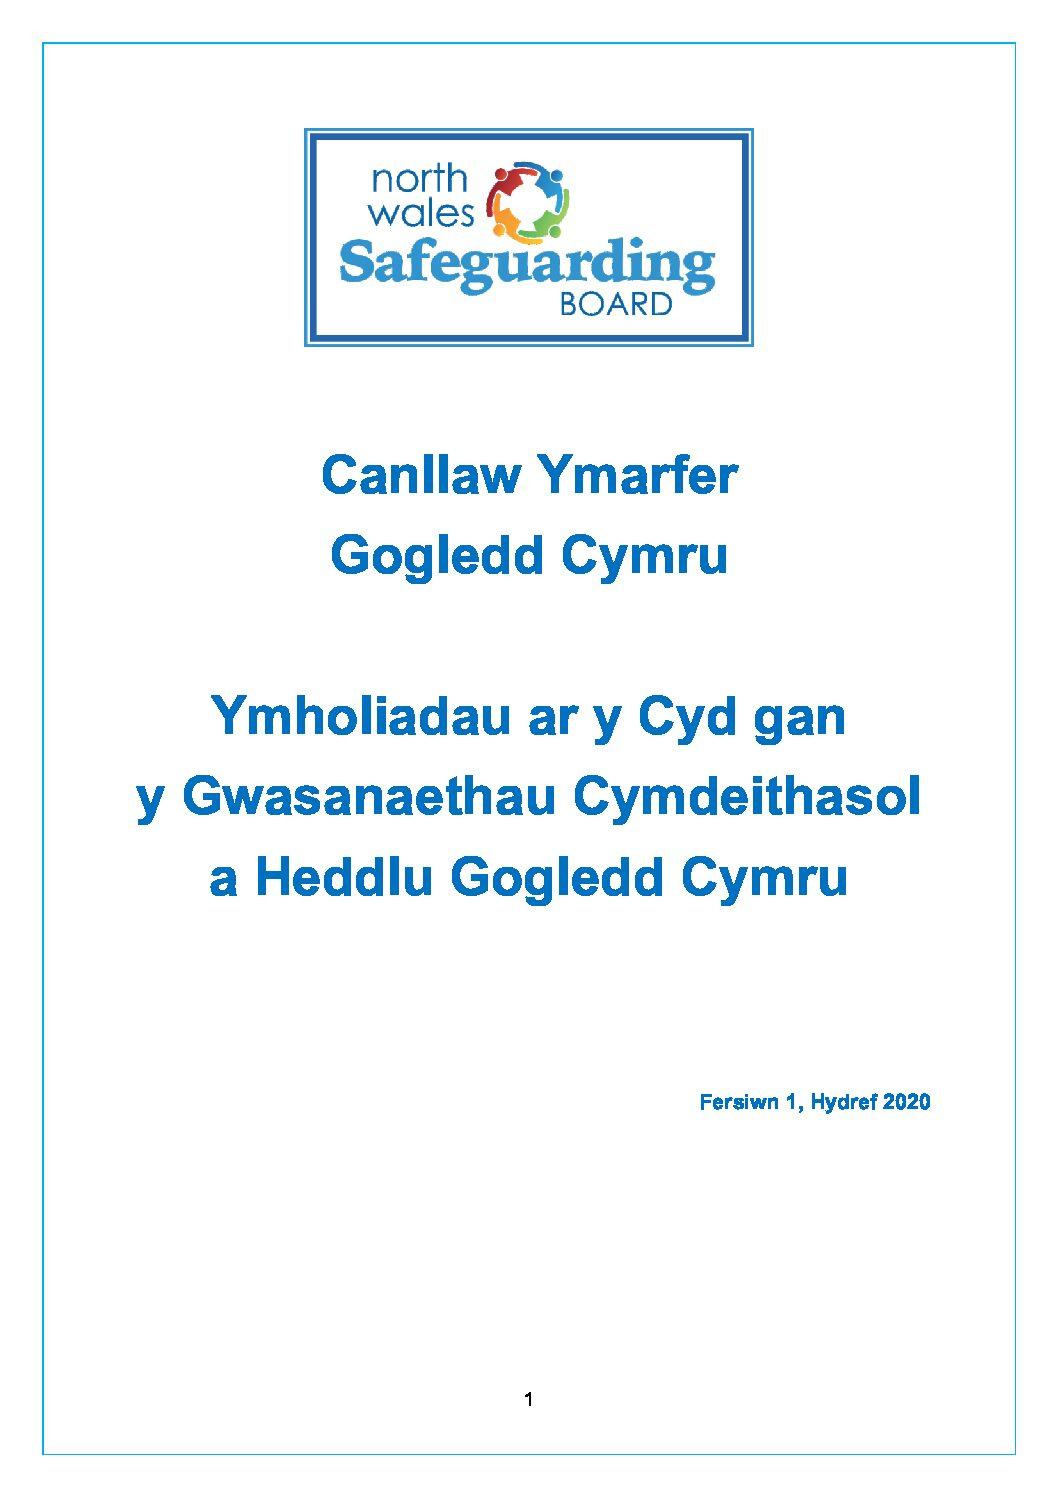 Canllaw Ymarfer Gogledd Cymru Ymholiadau ar y Cyd gan y Gwasanaethau Cymdeithasol a Heddlu Gogledd Cymru